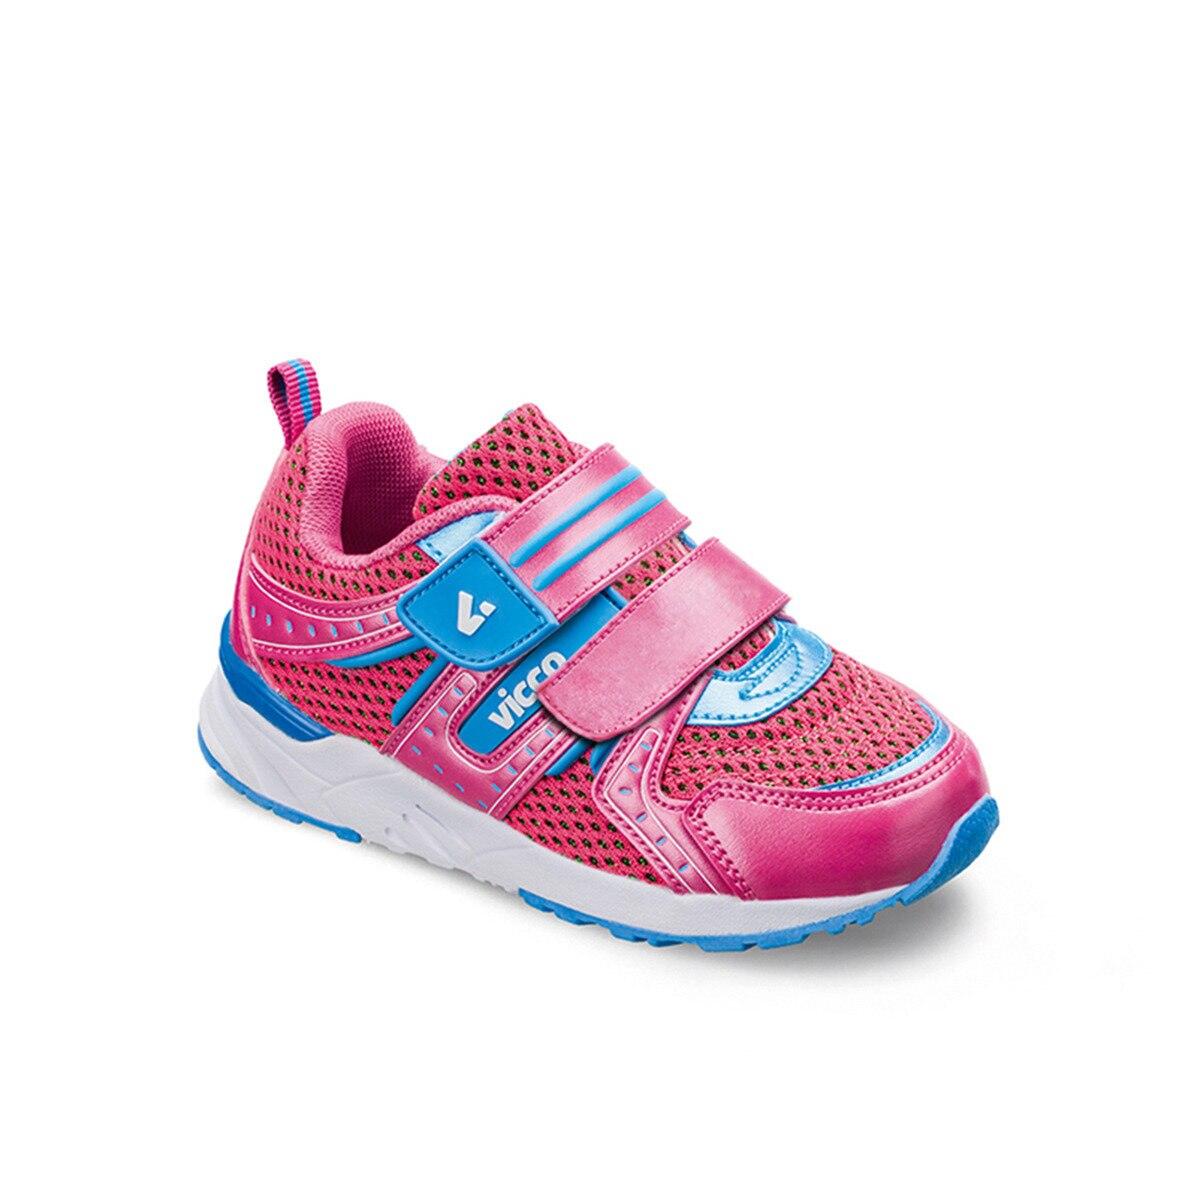 Anne ve Çocuk'ten Tenis Ayakk.'de FLO 346.Z.101 BEBE SPOR AYAKK Fuşya Kız Çocuk Sneaker Ayakkabı VICCO title=